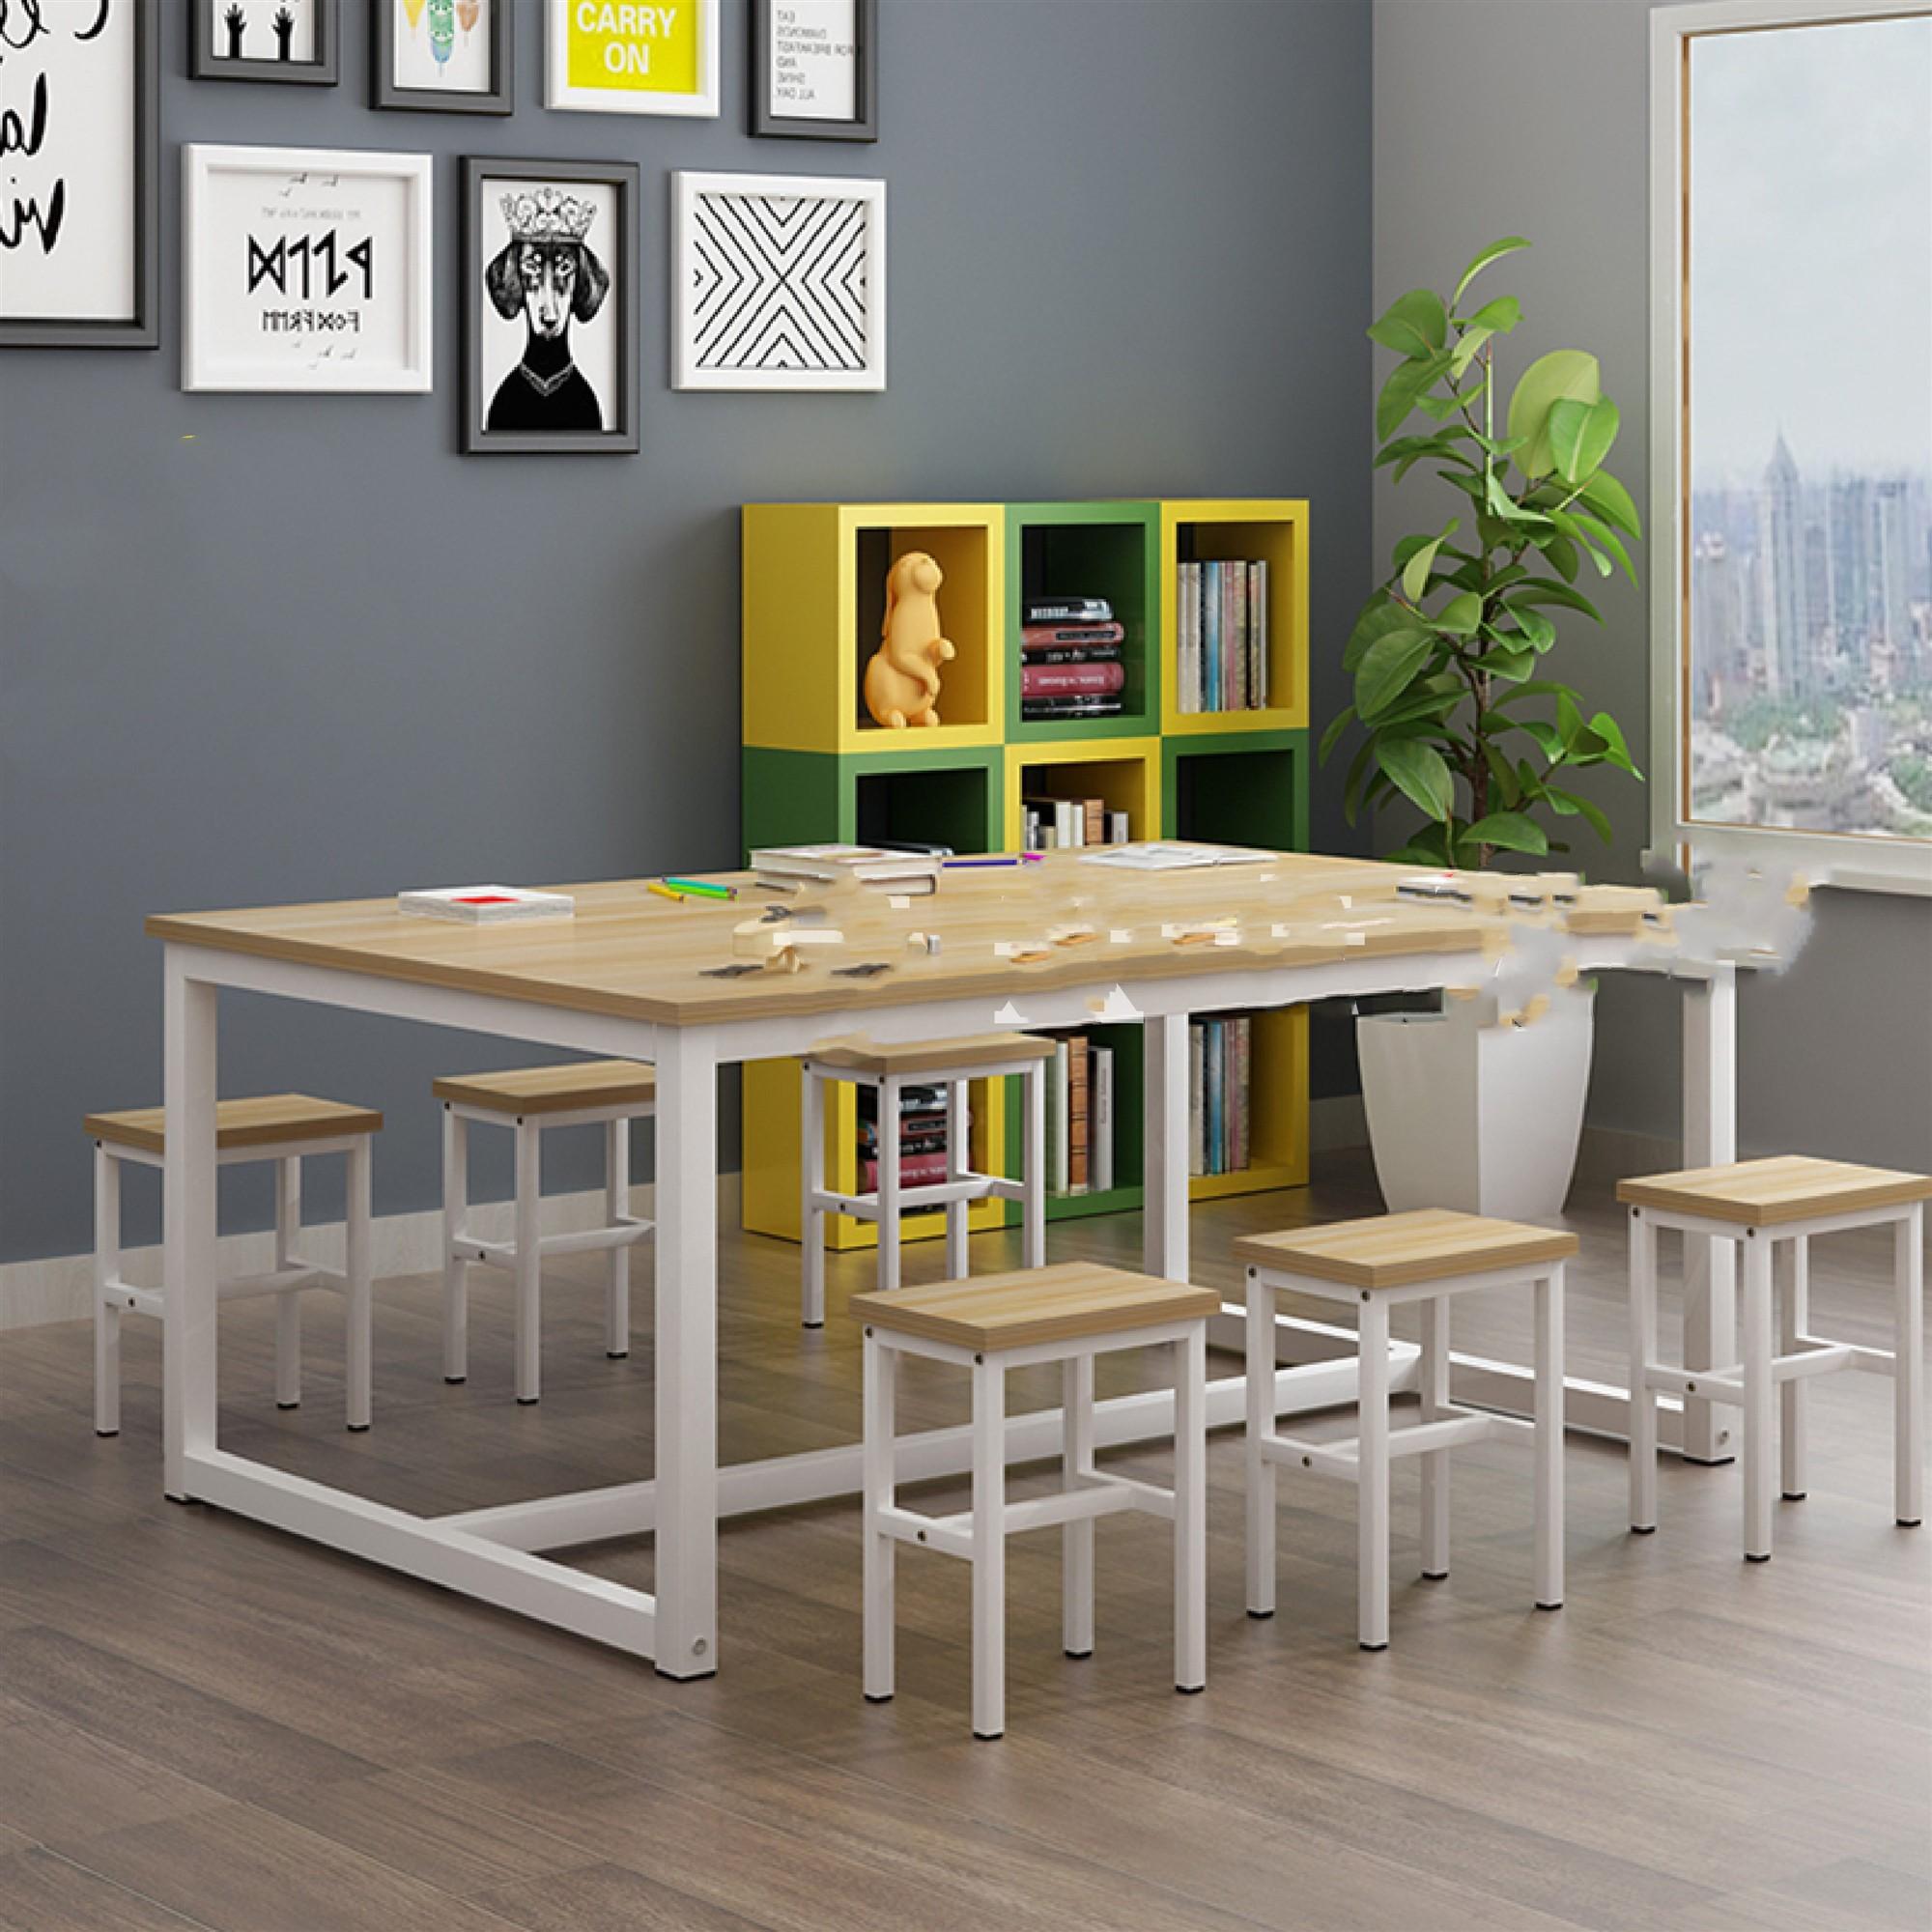 Школьная мебель Артикул 595514083771